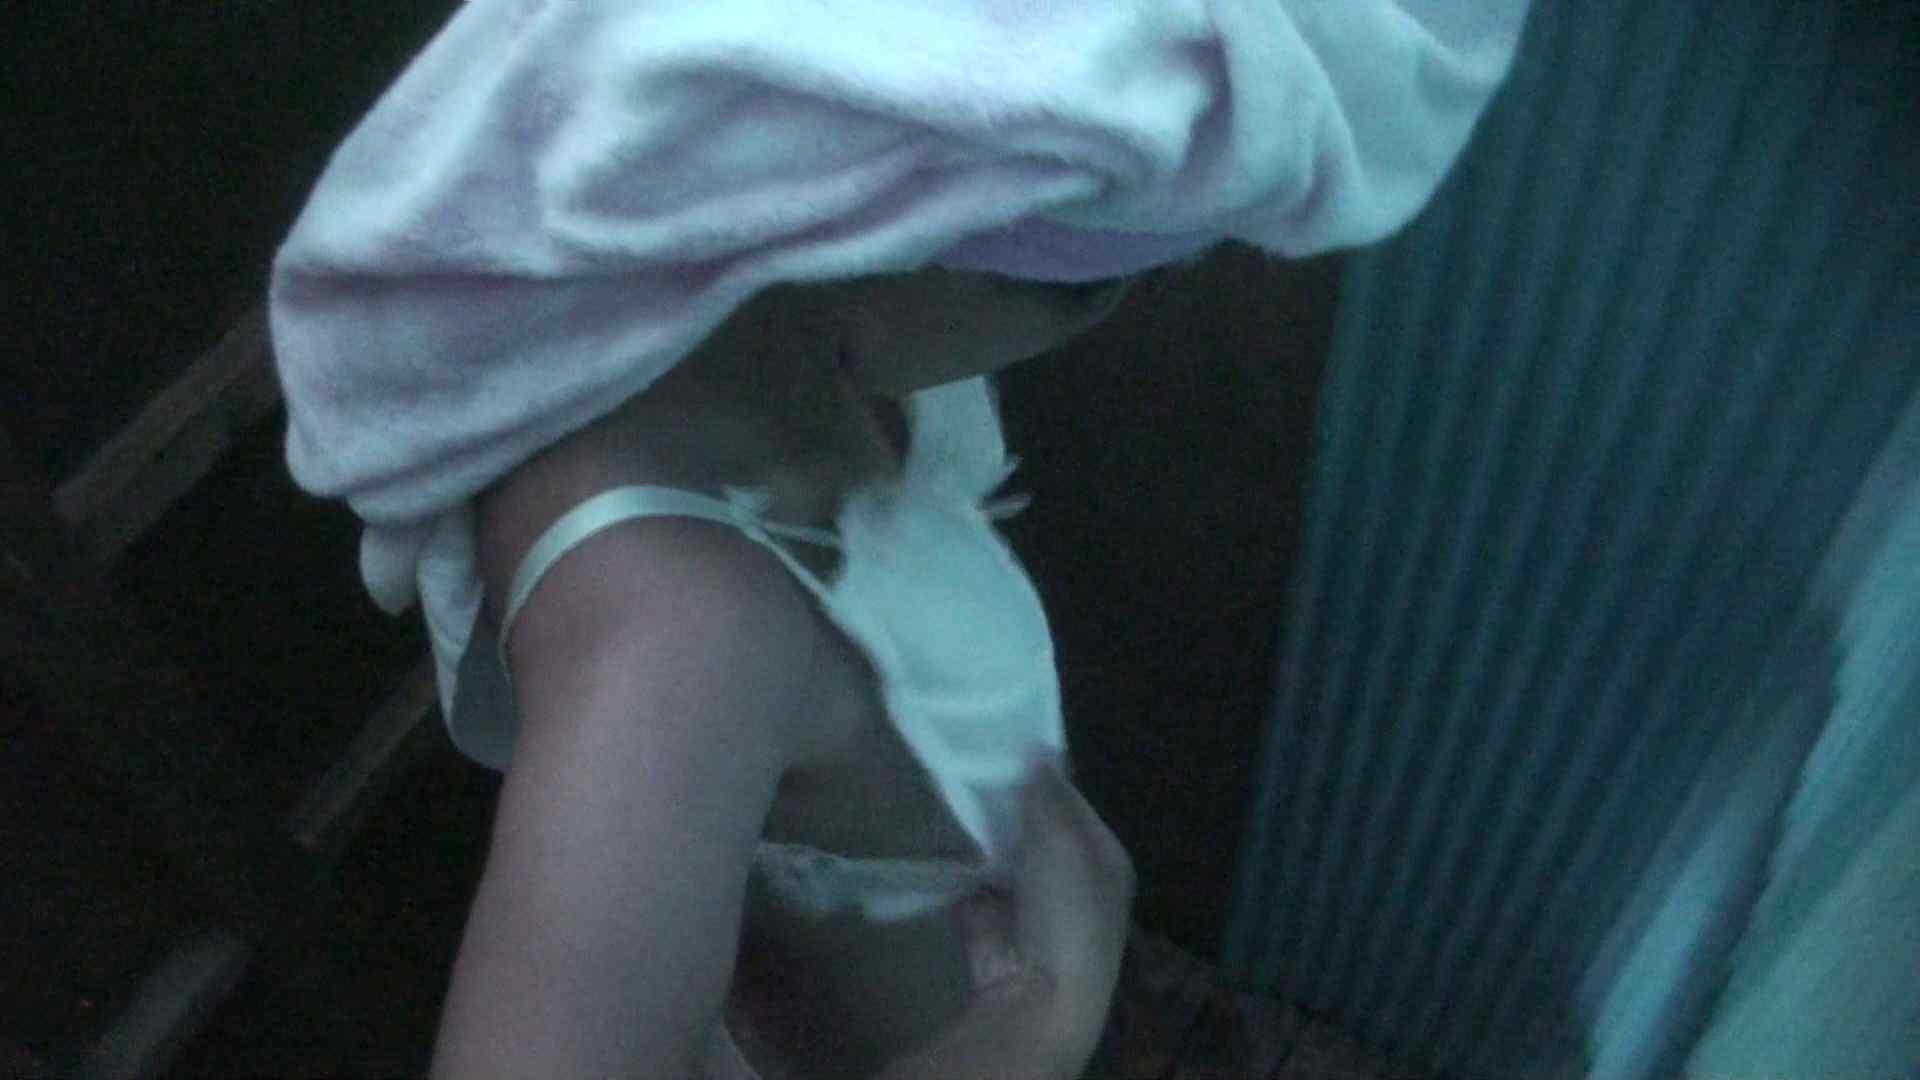 シャワールームは超!!危険な香りVol.26 大学生風美形ギャル 暗さが残念! S級美女ギャル セックス無修正動画無料 106画像 15